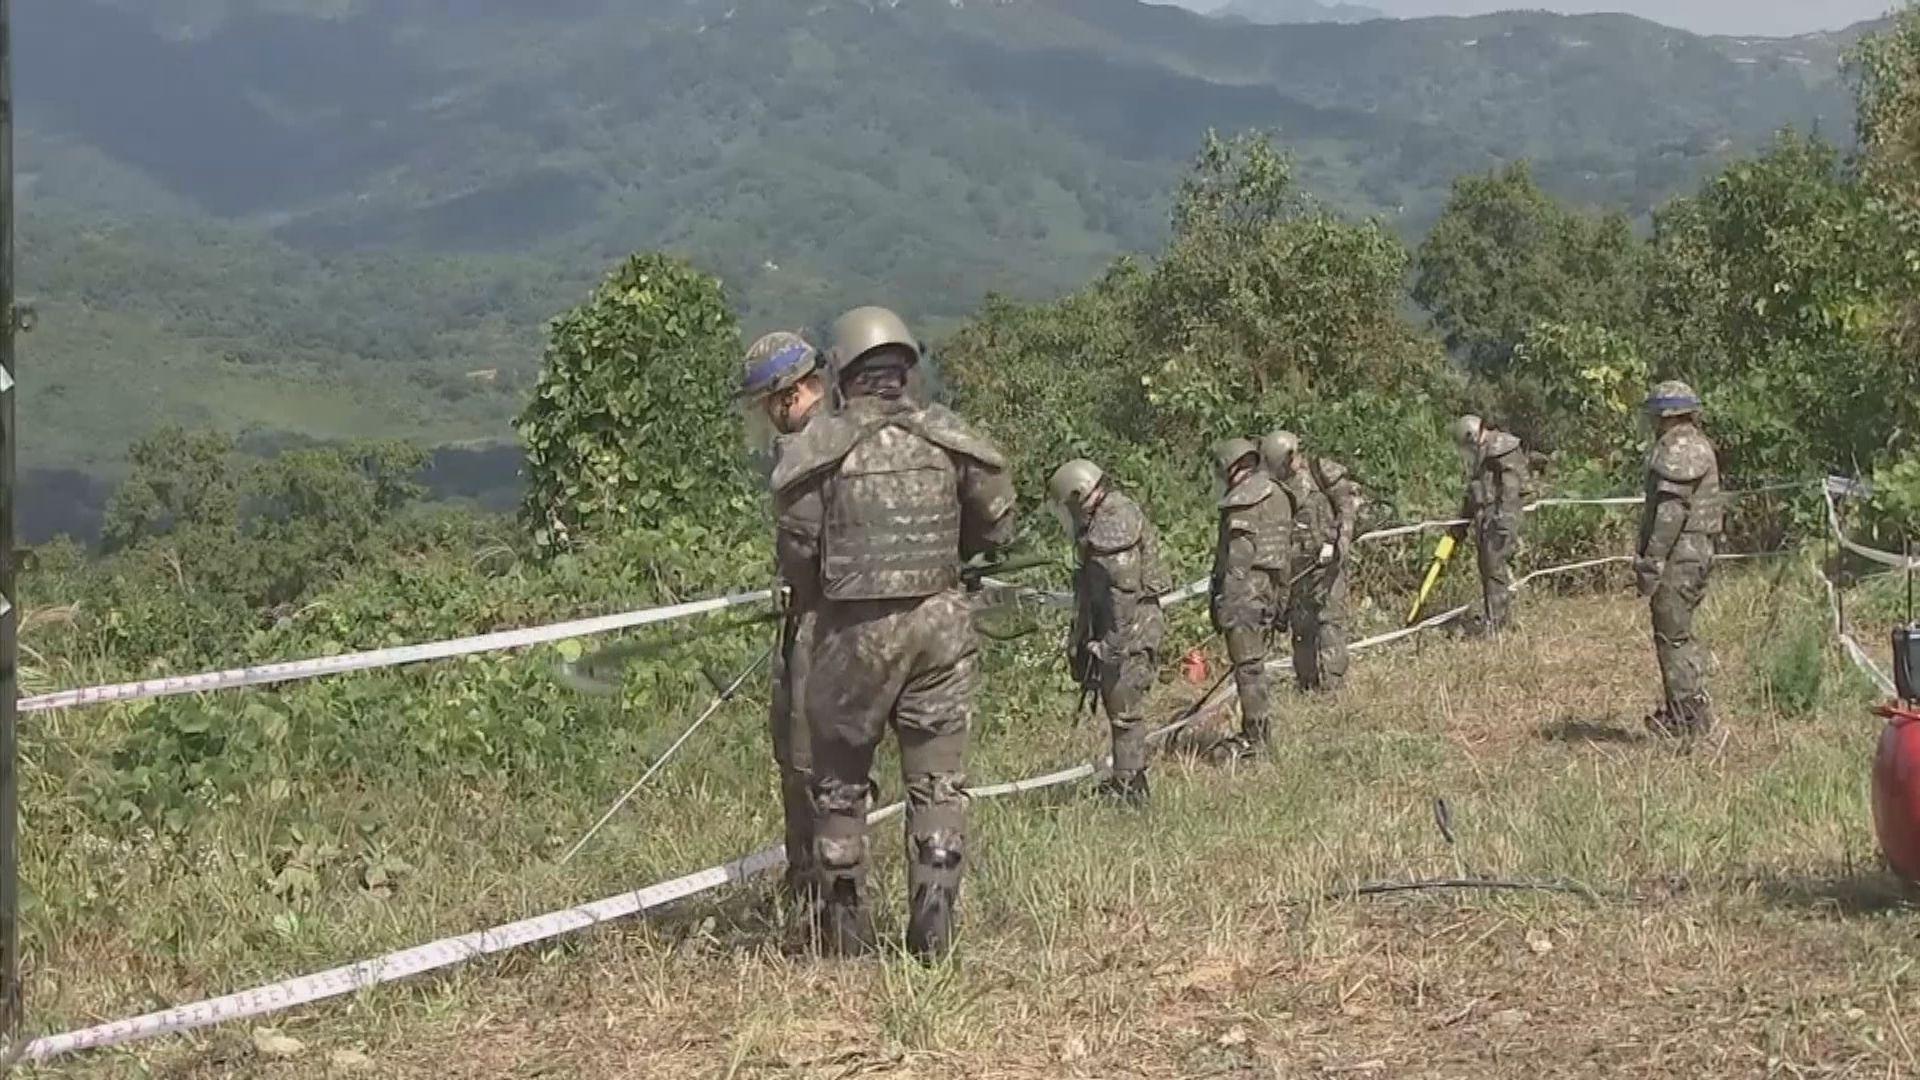 南北韓關係惡化 據報北韓持續派士兵到邊境哨站